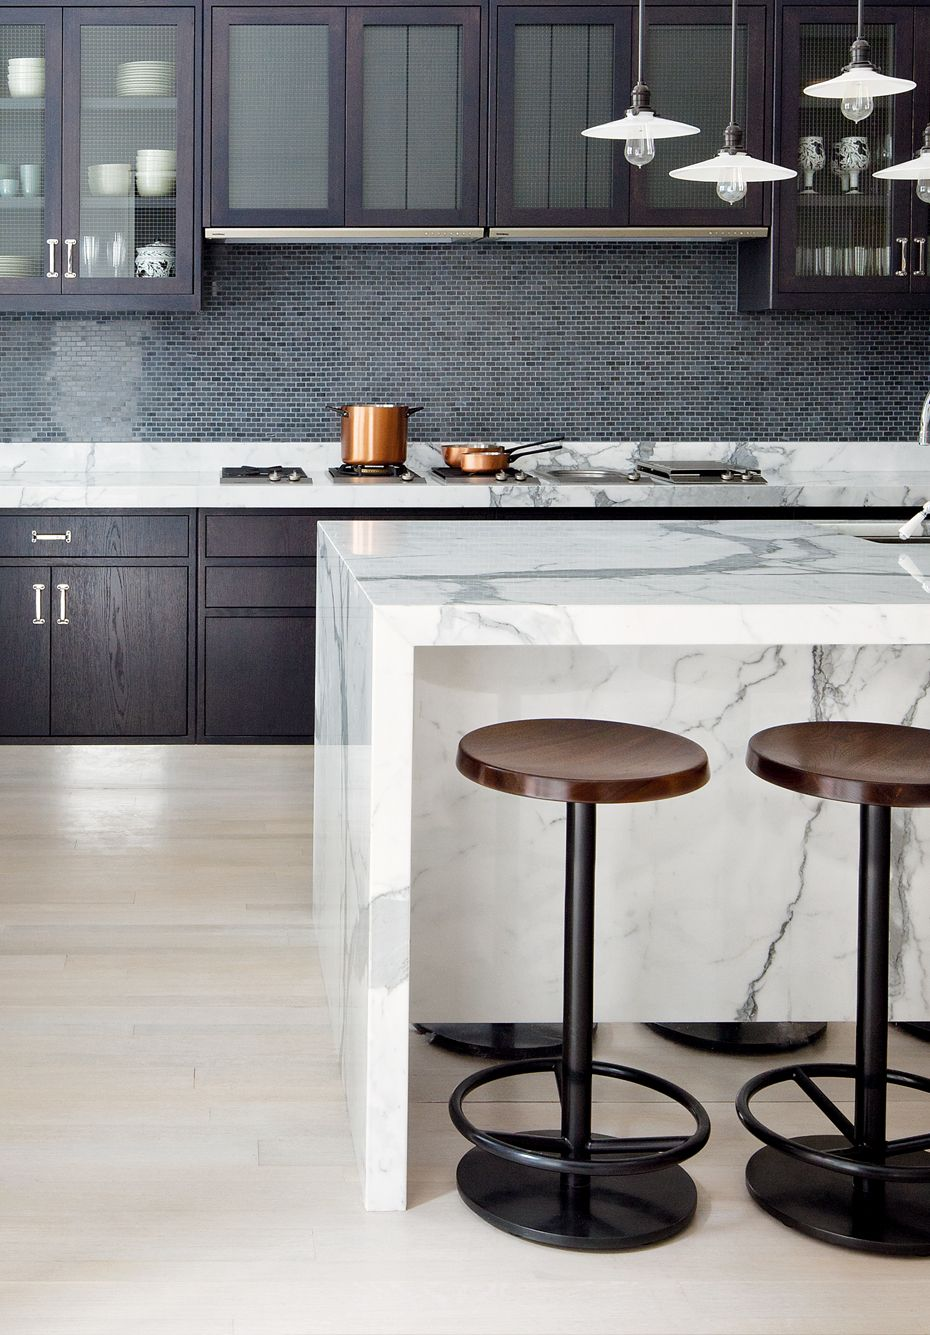 Tolle Küchen New York Ideen - Ideen Für Die Küche Dekoration ...